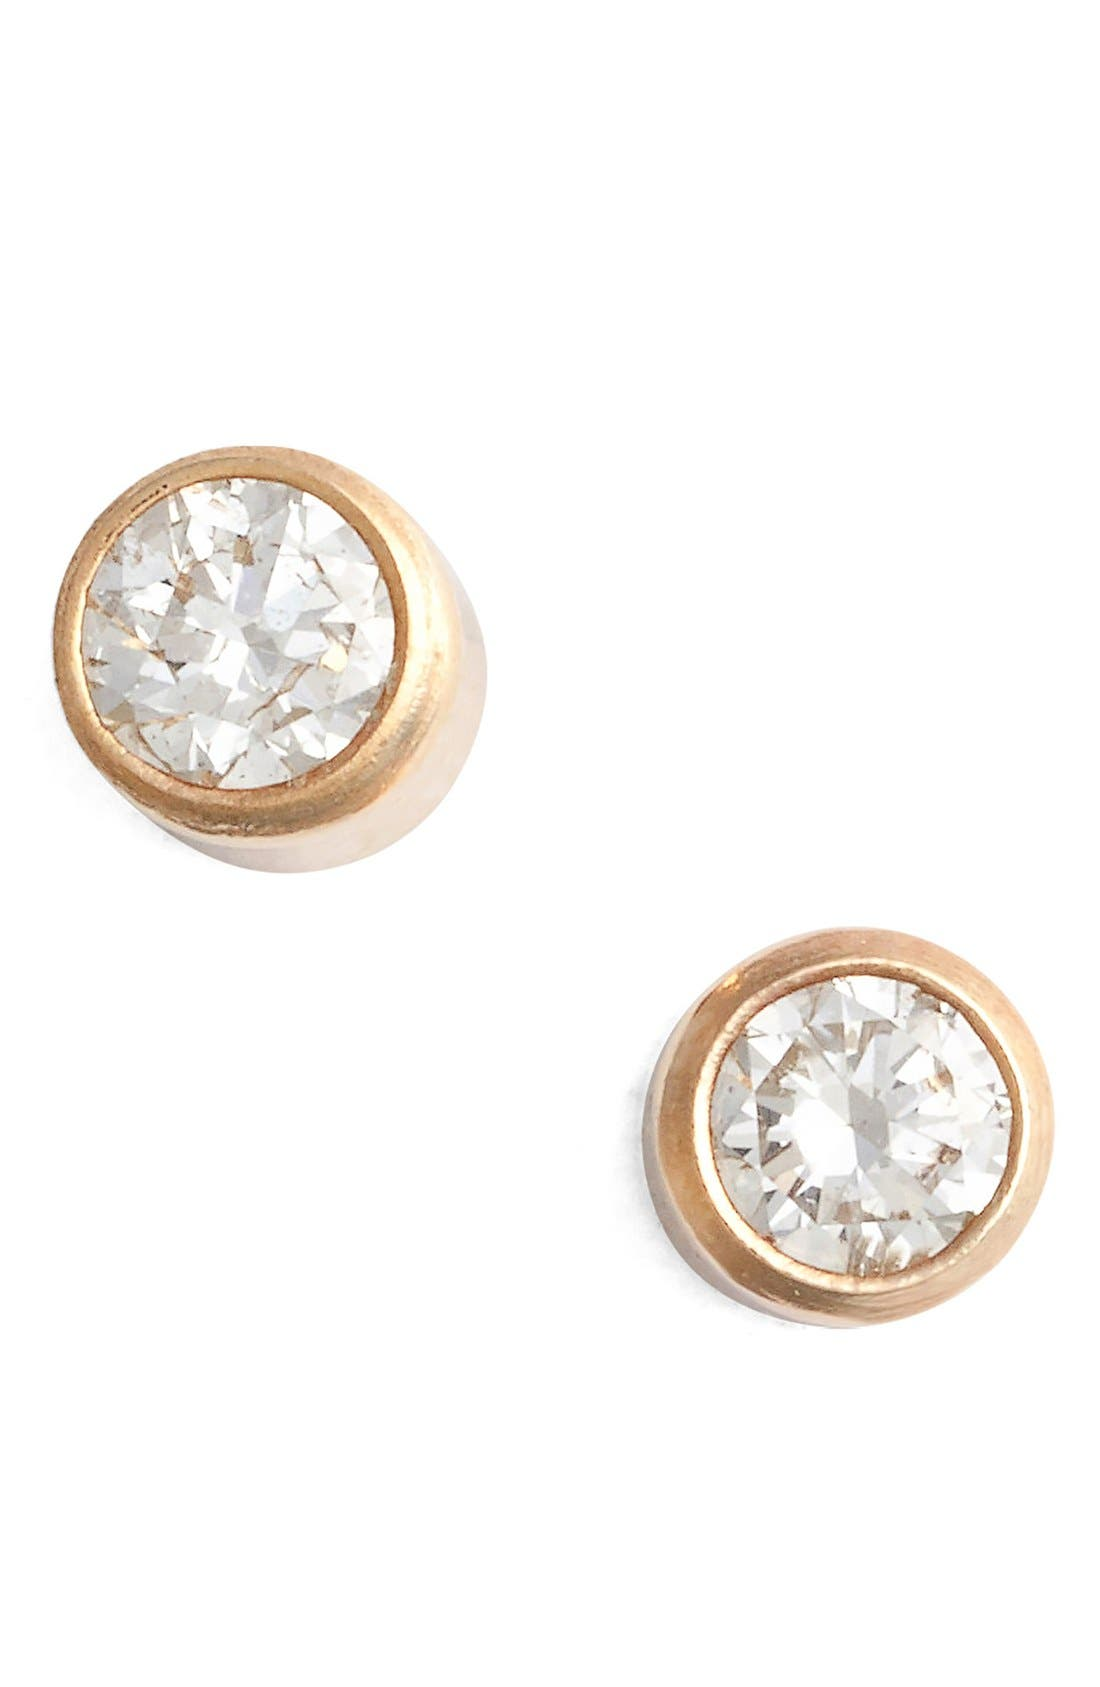 Alternate Image 1 Selected - Zoë Chicco Diamond Bezel Stud Earrings